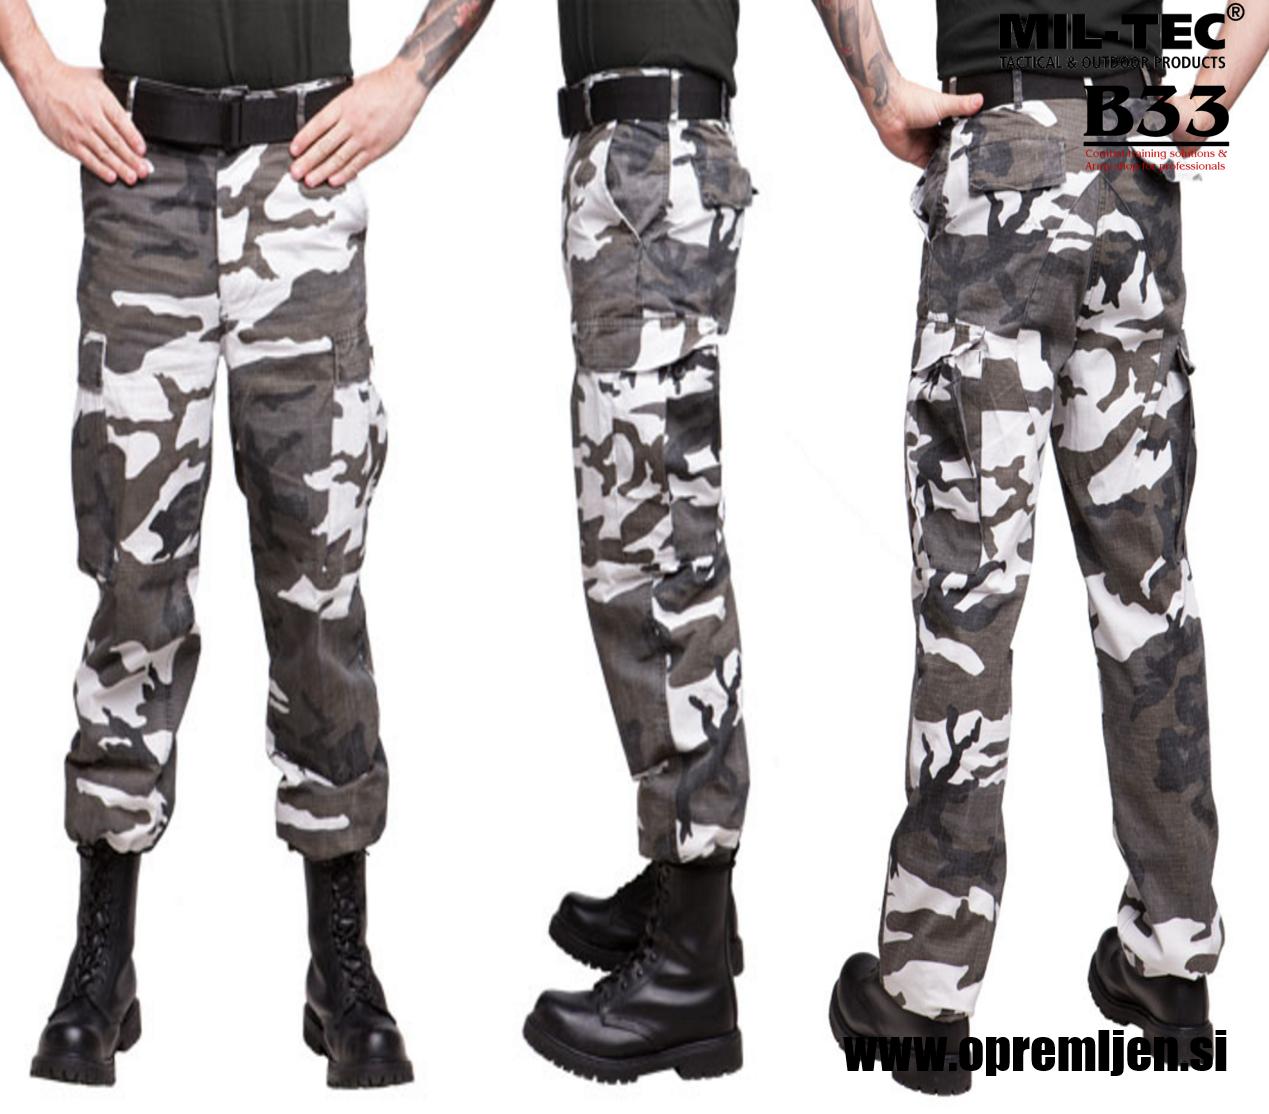 Vojaške bojne hlače US BDU urban MILTEC by B33 army shop at www.opremljen.si